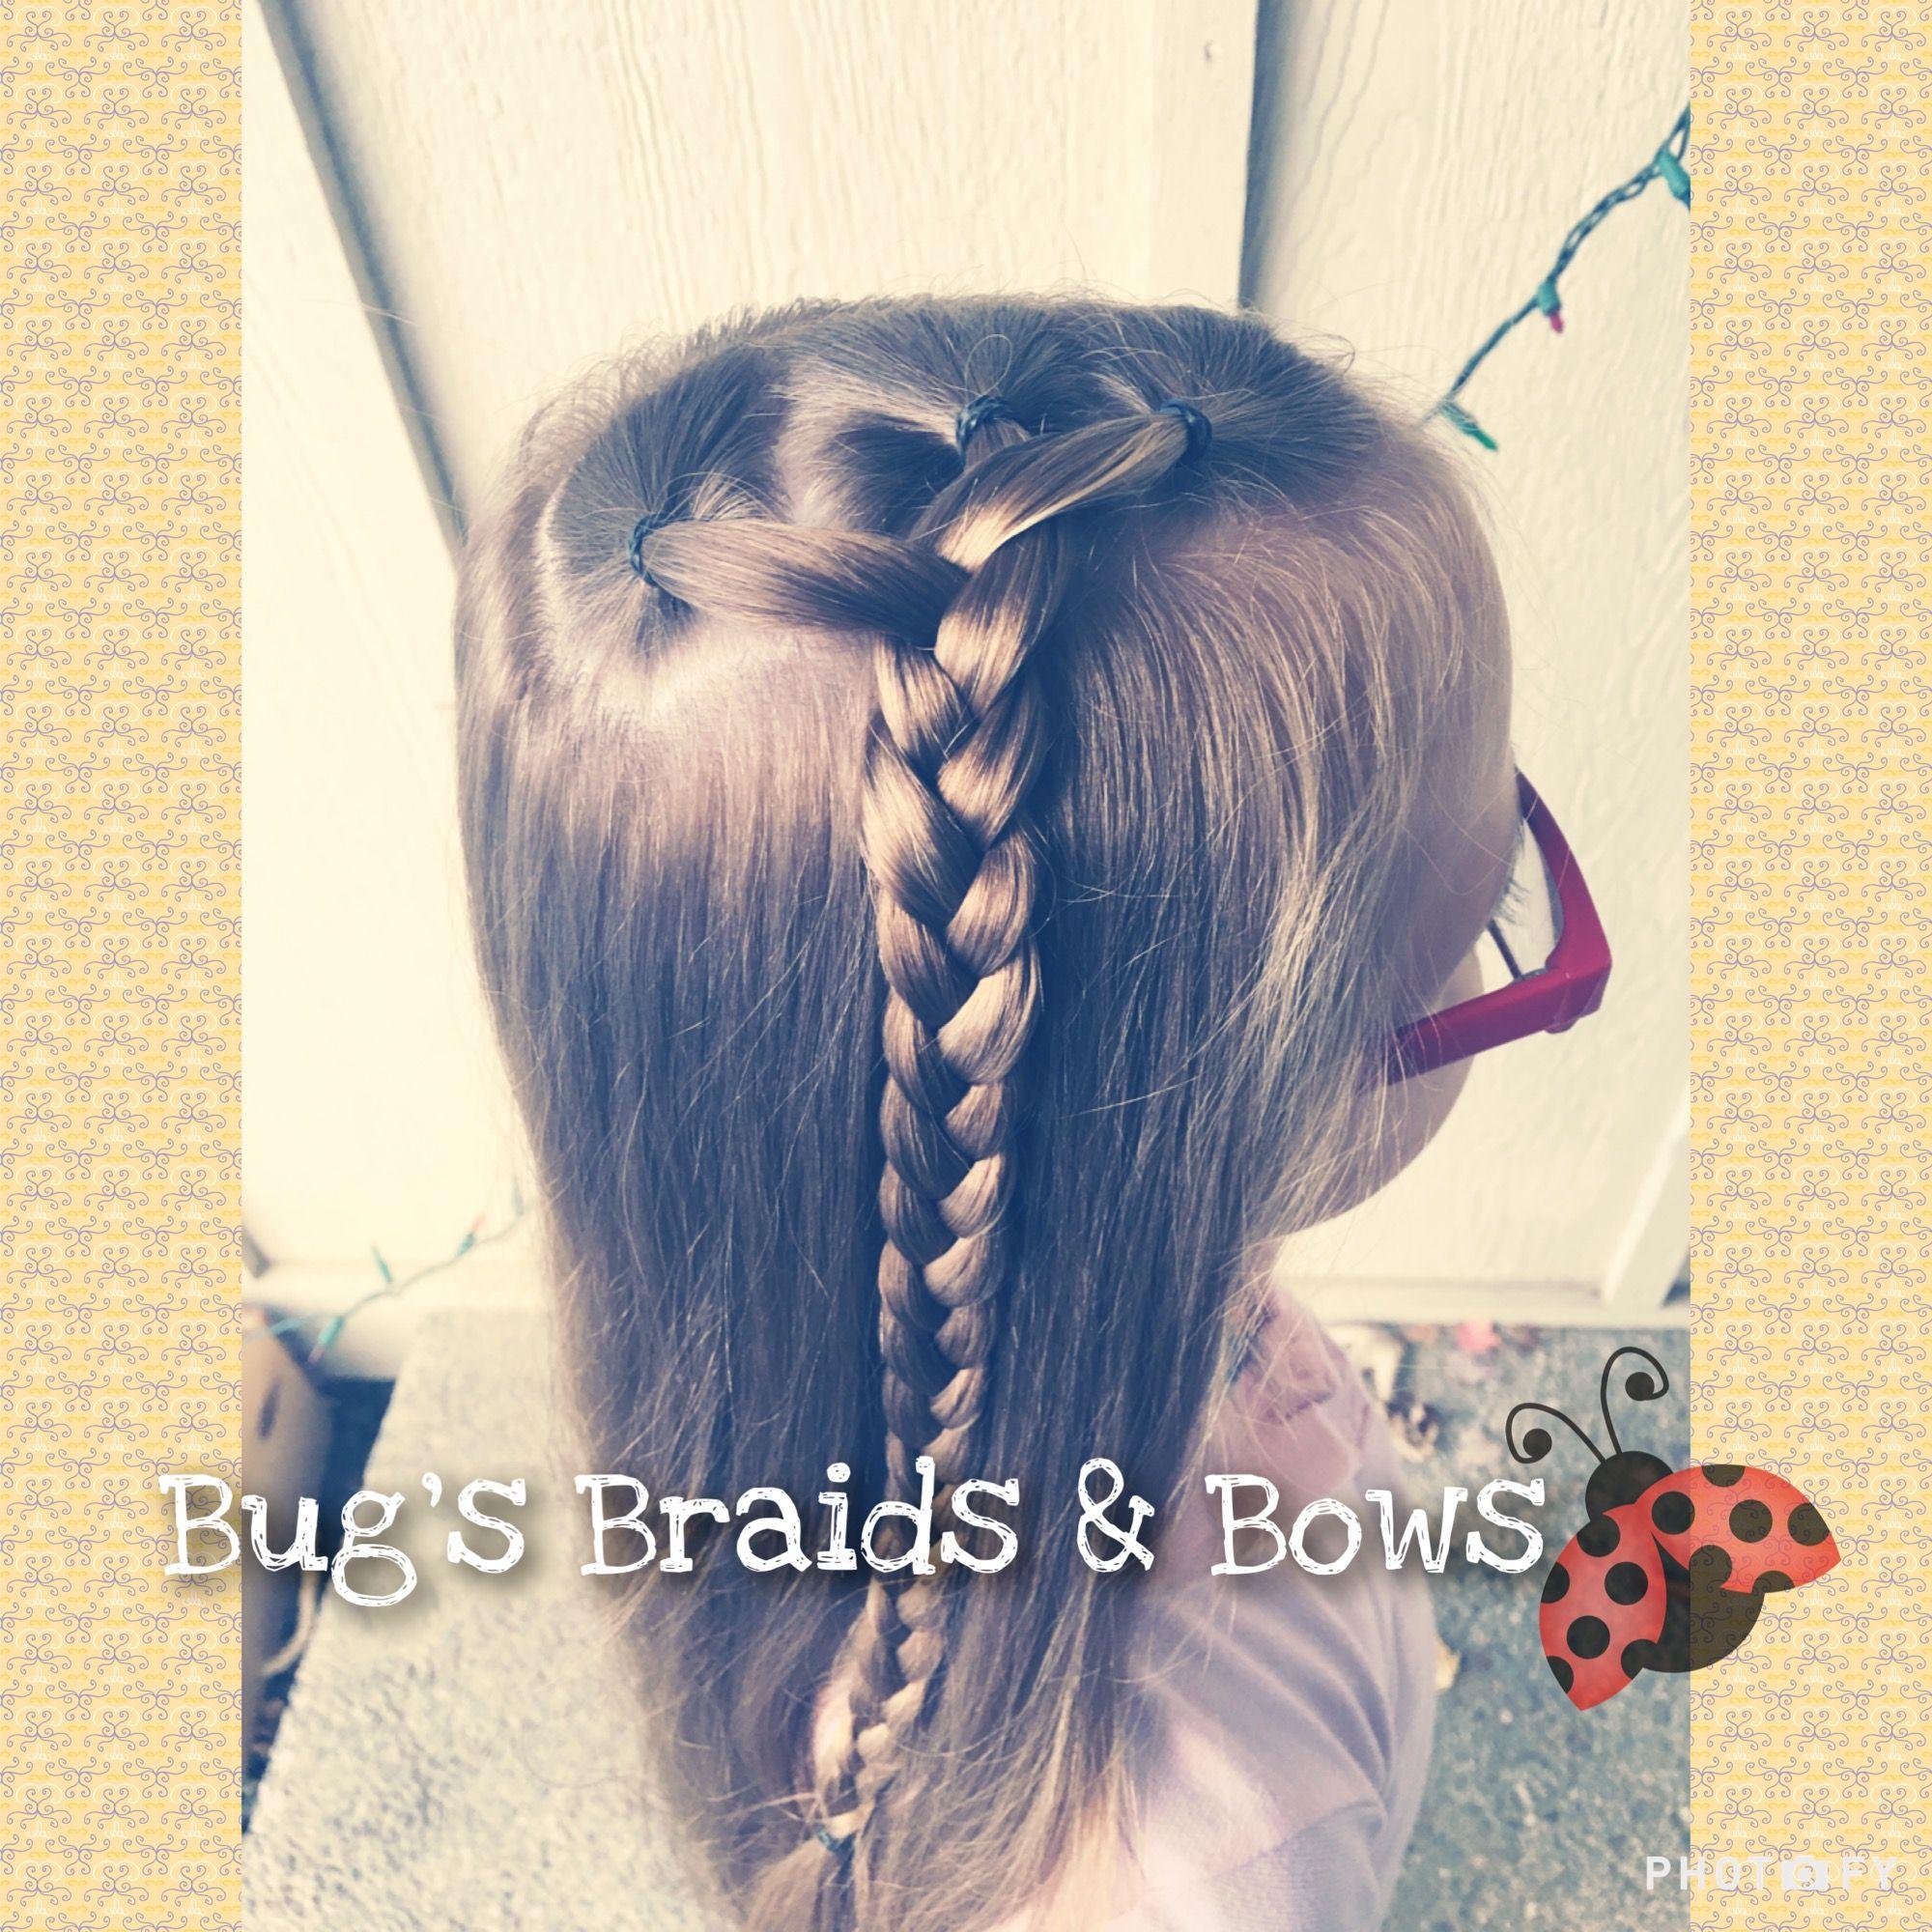 Pretty and easy before school style 💕 BugsBraidsandBows